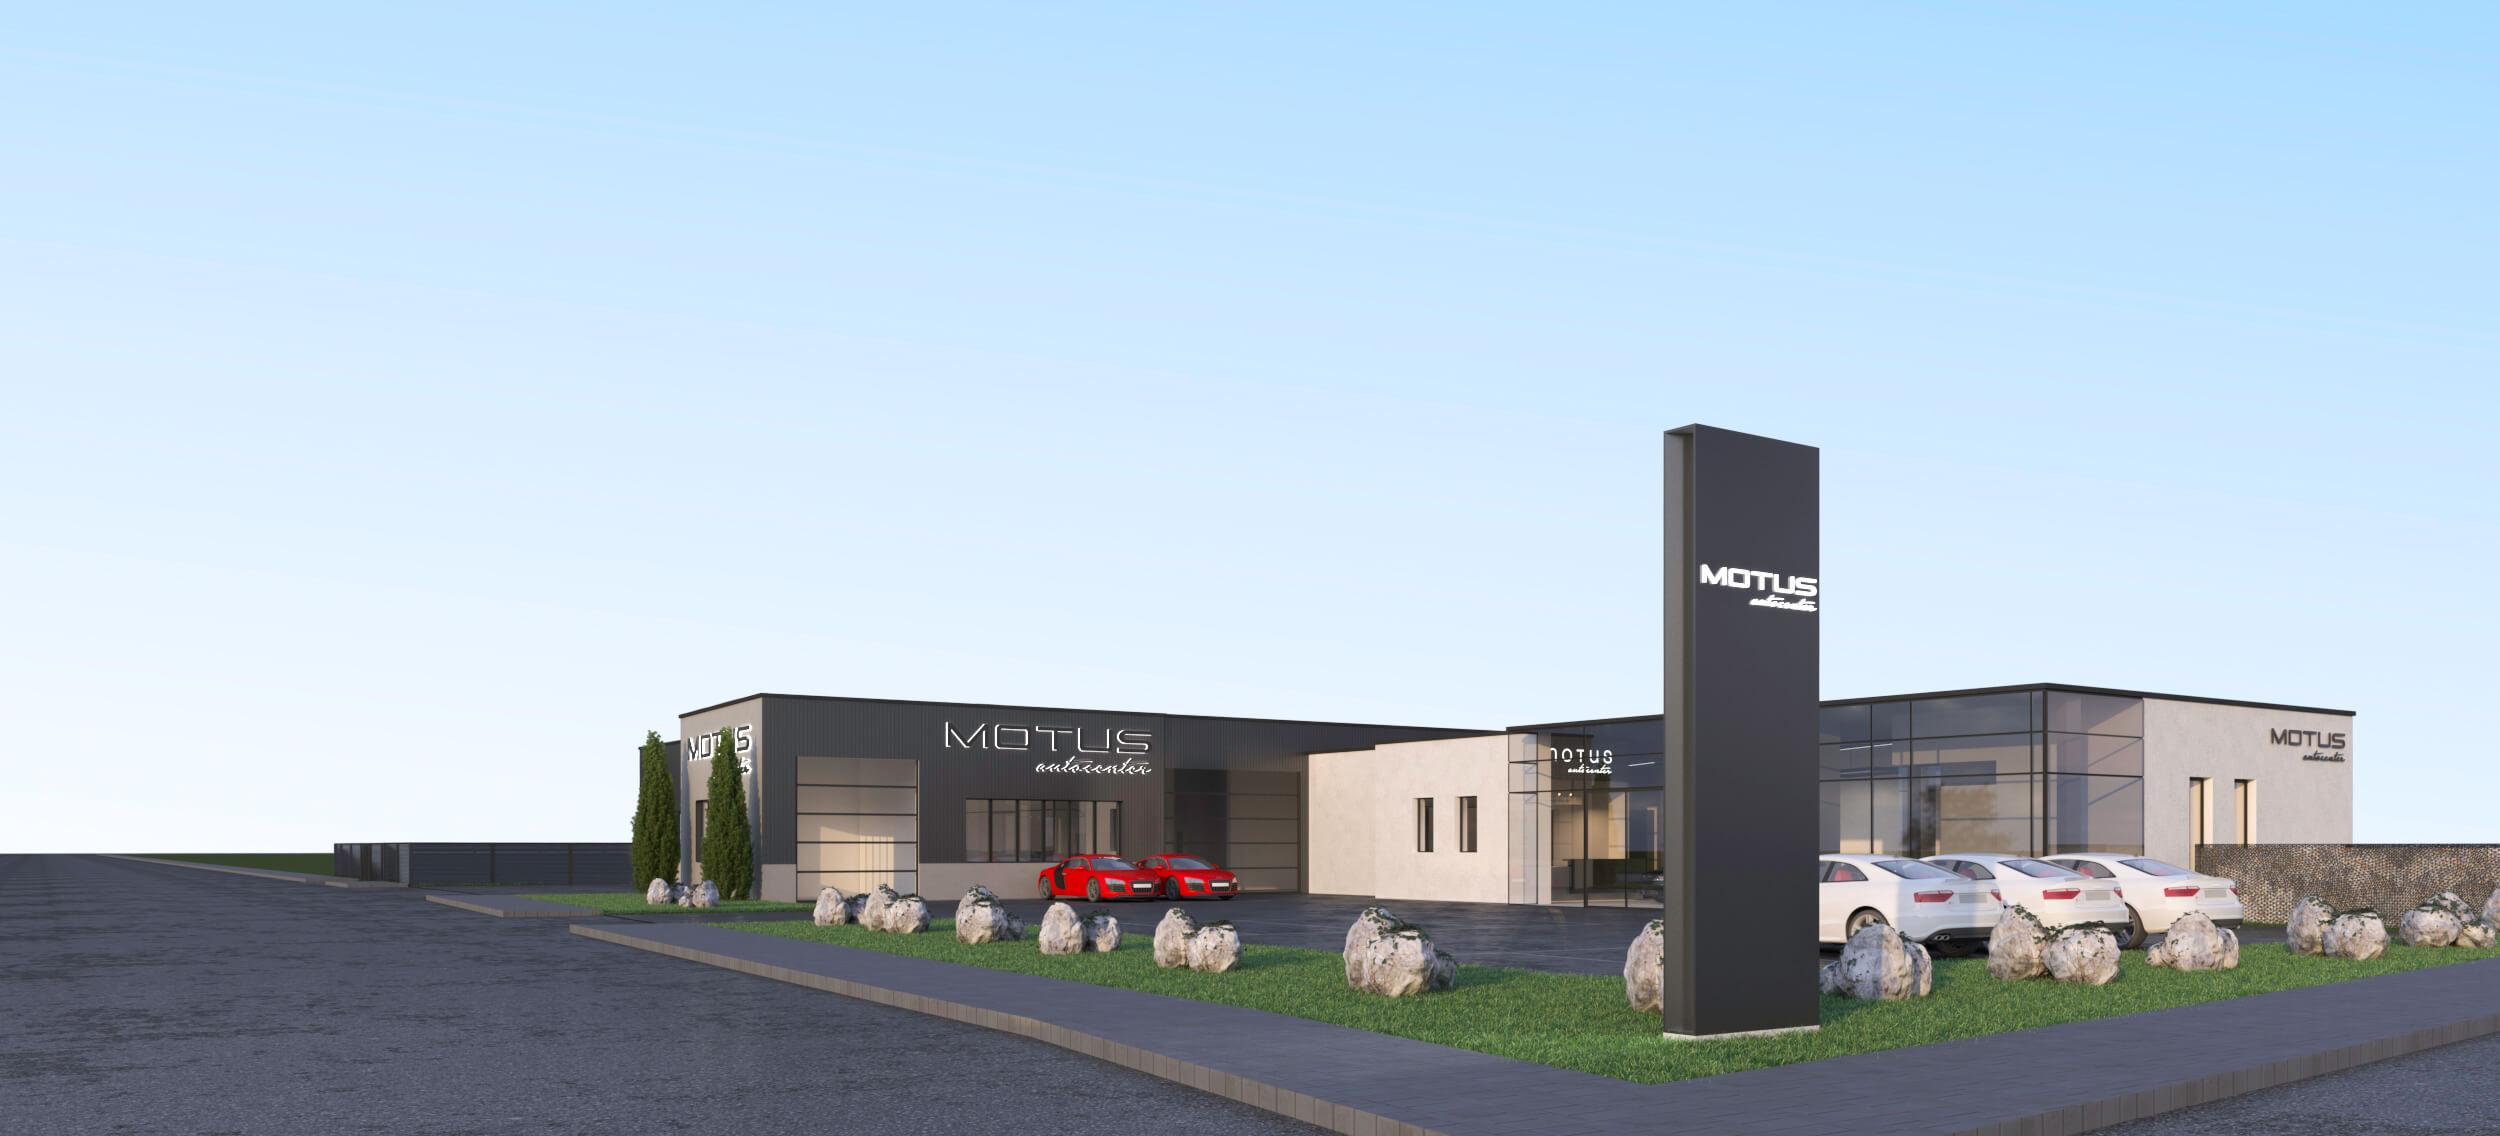 MOTUS Autocenter Rendering - Ansicht diagonal von Vorne